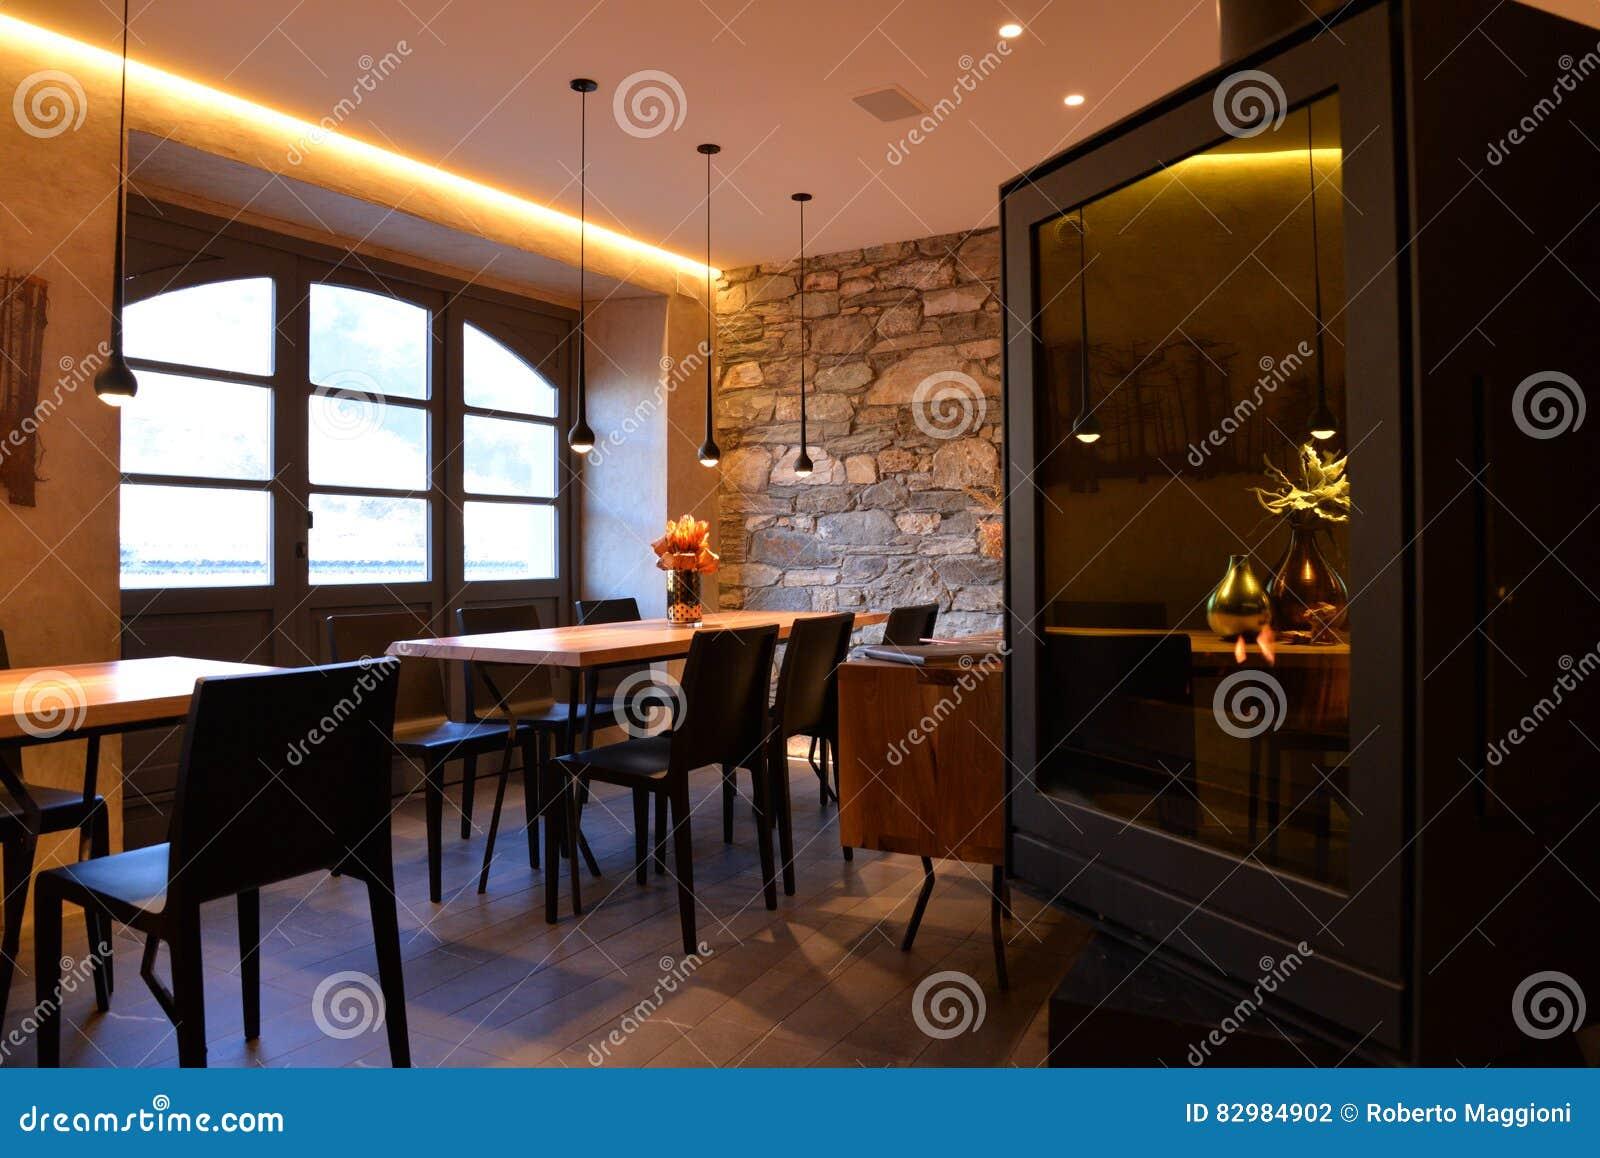 Innenarchitektur Des Modernen Restaurants Stilvolles Esszimmer